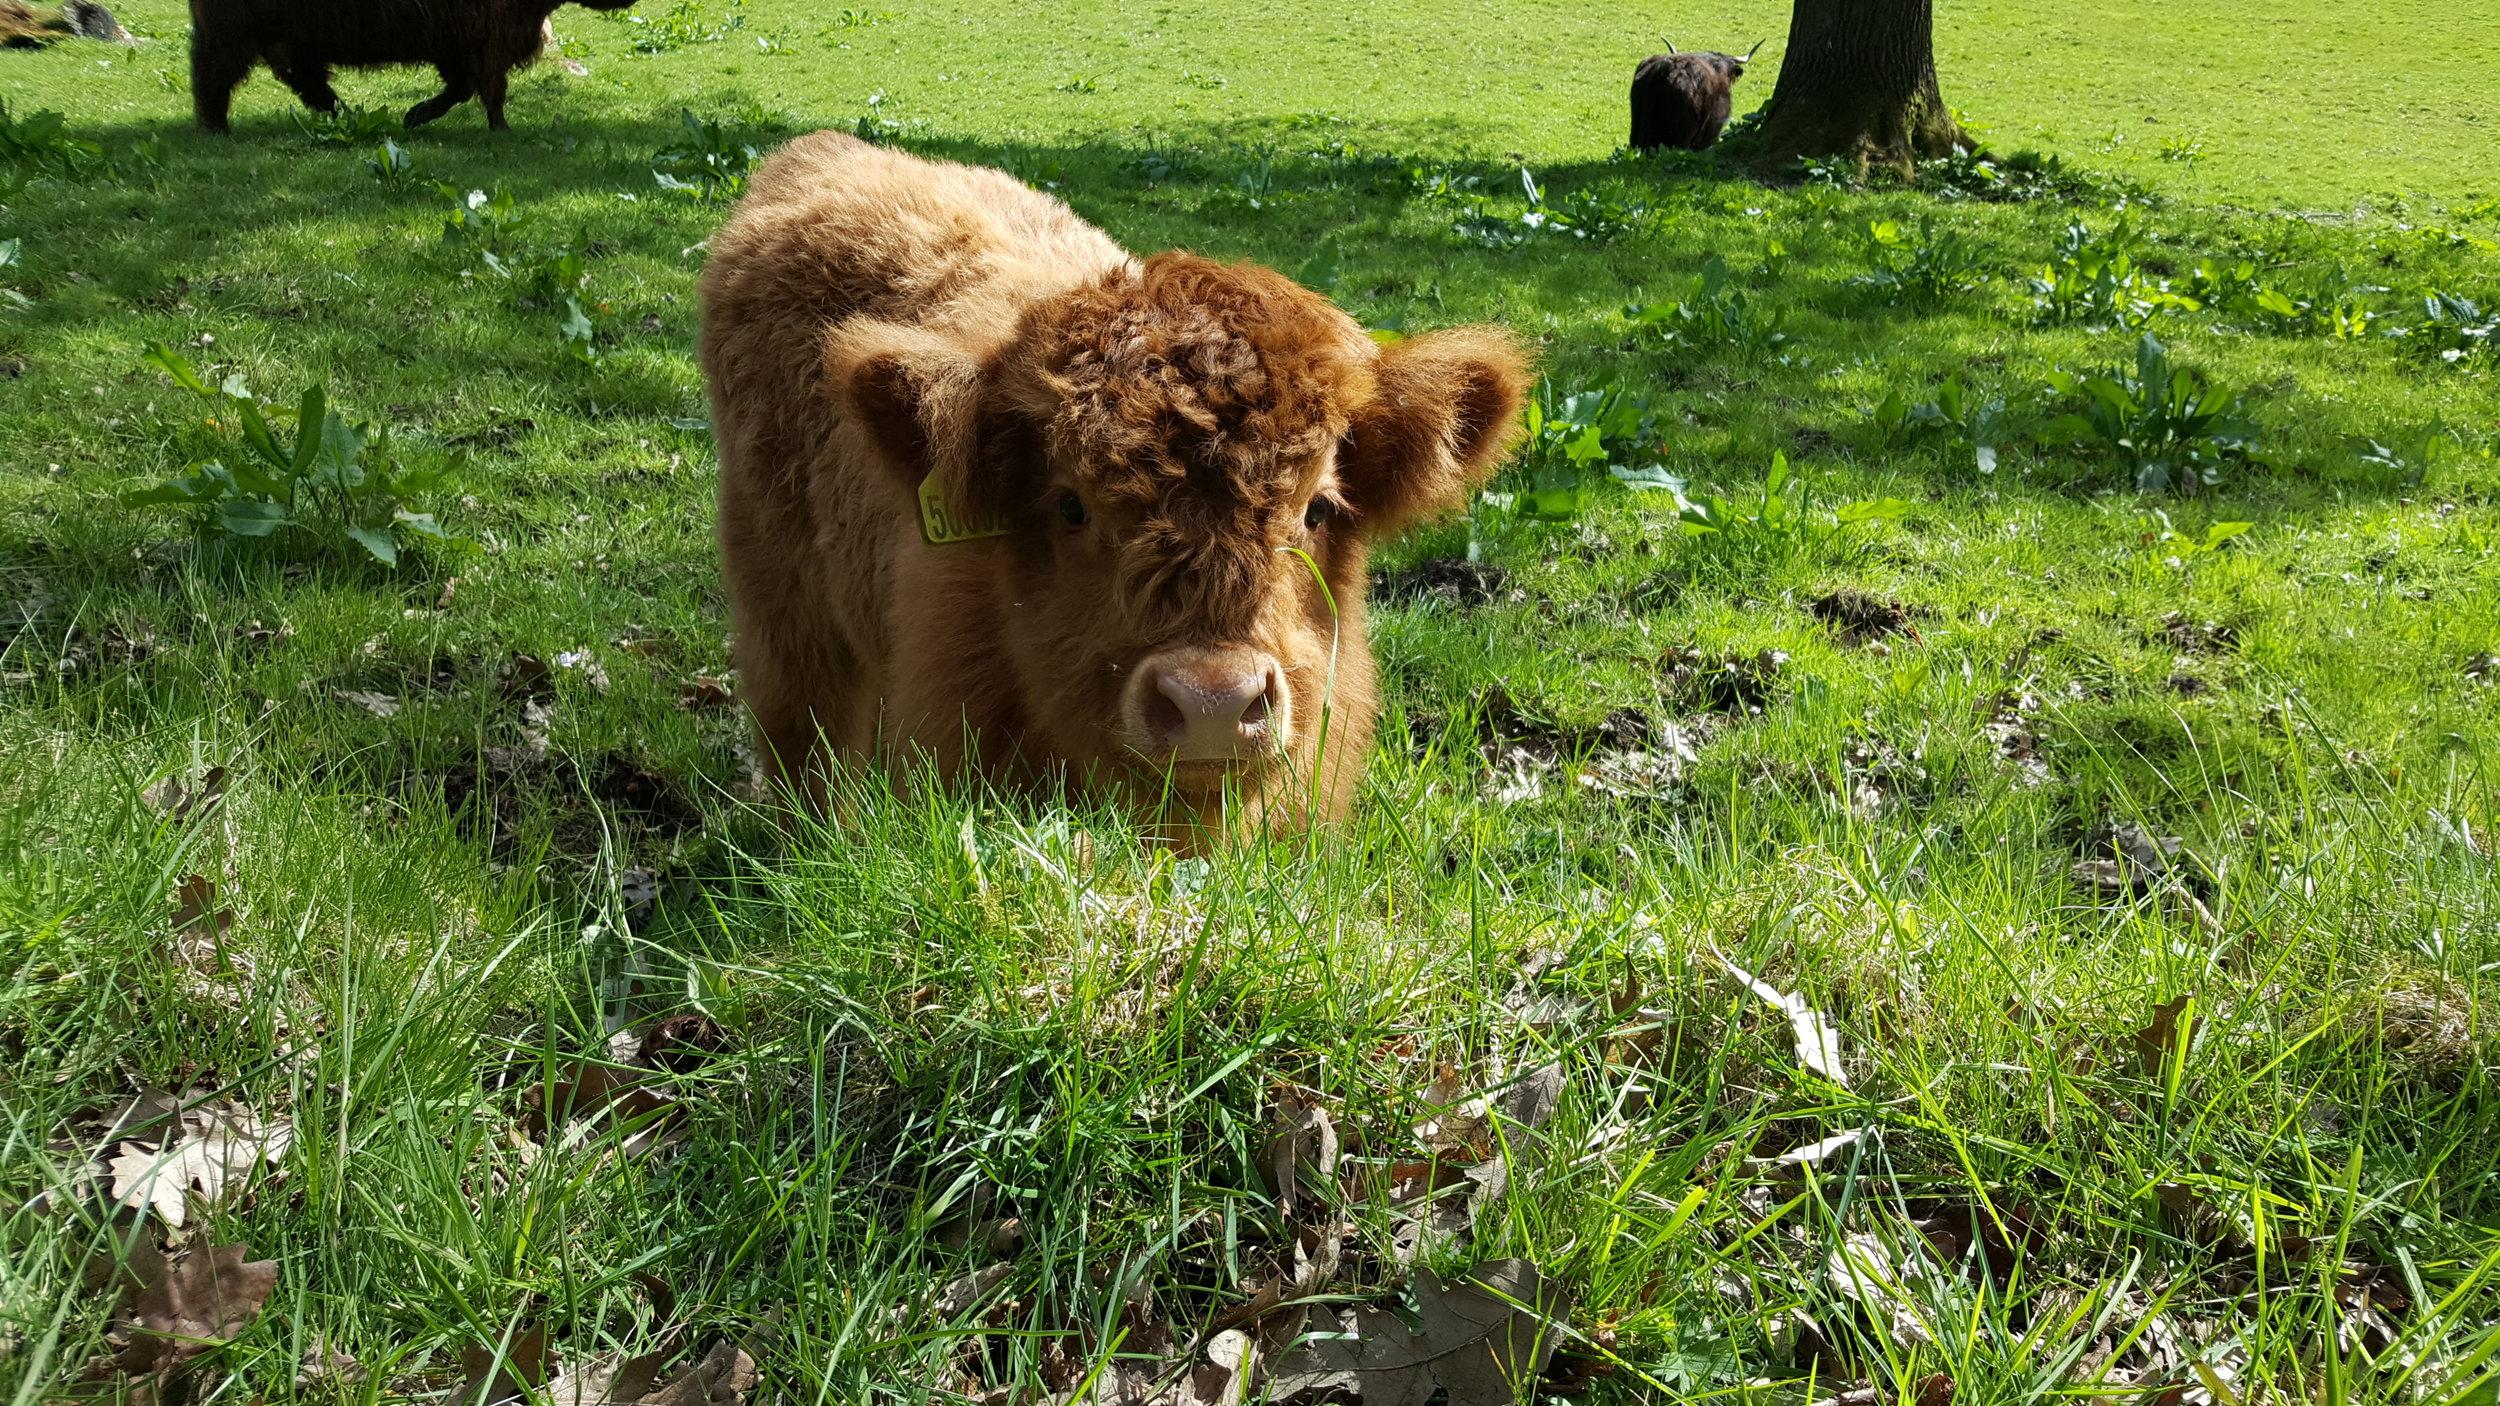 Adorable baby cow in Pollok park (photo Bianca Sala)